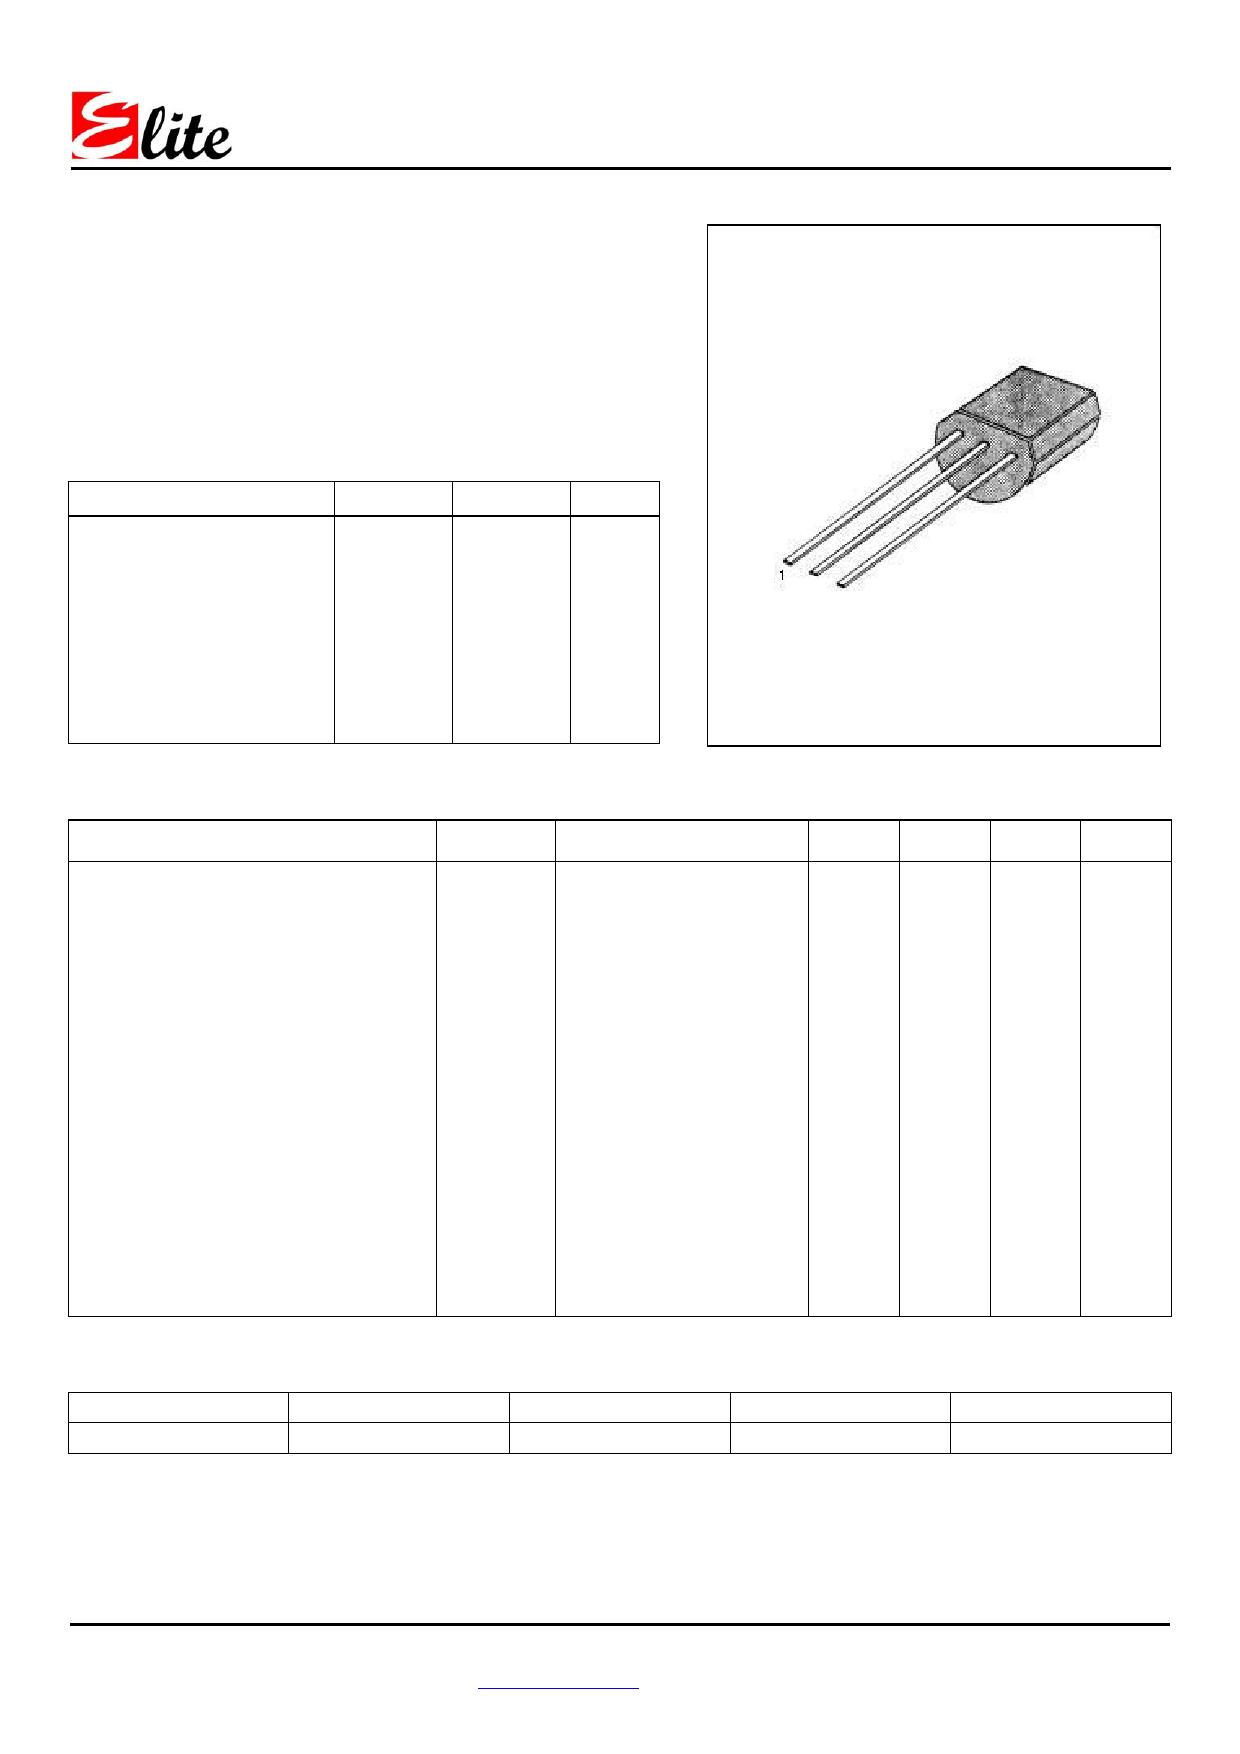 C3198 데이터시트 및 C3198 PDF